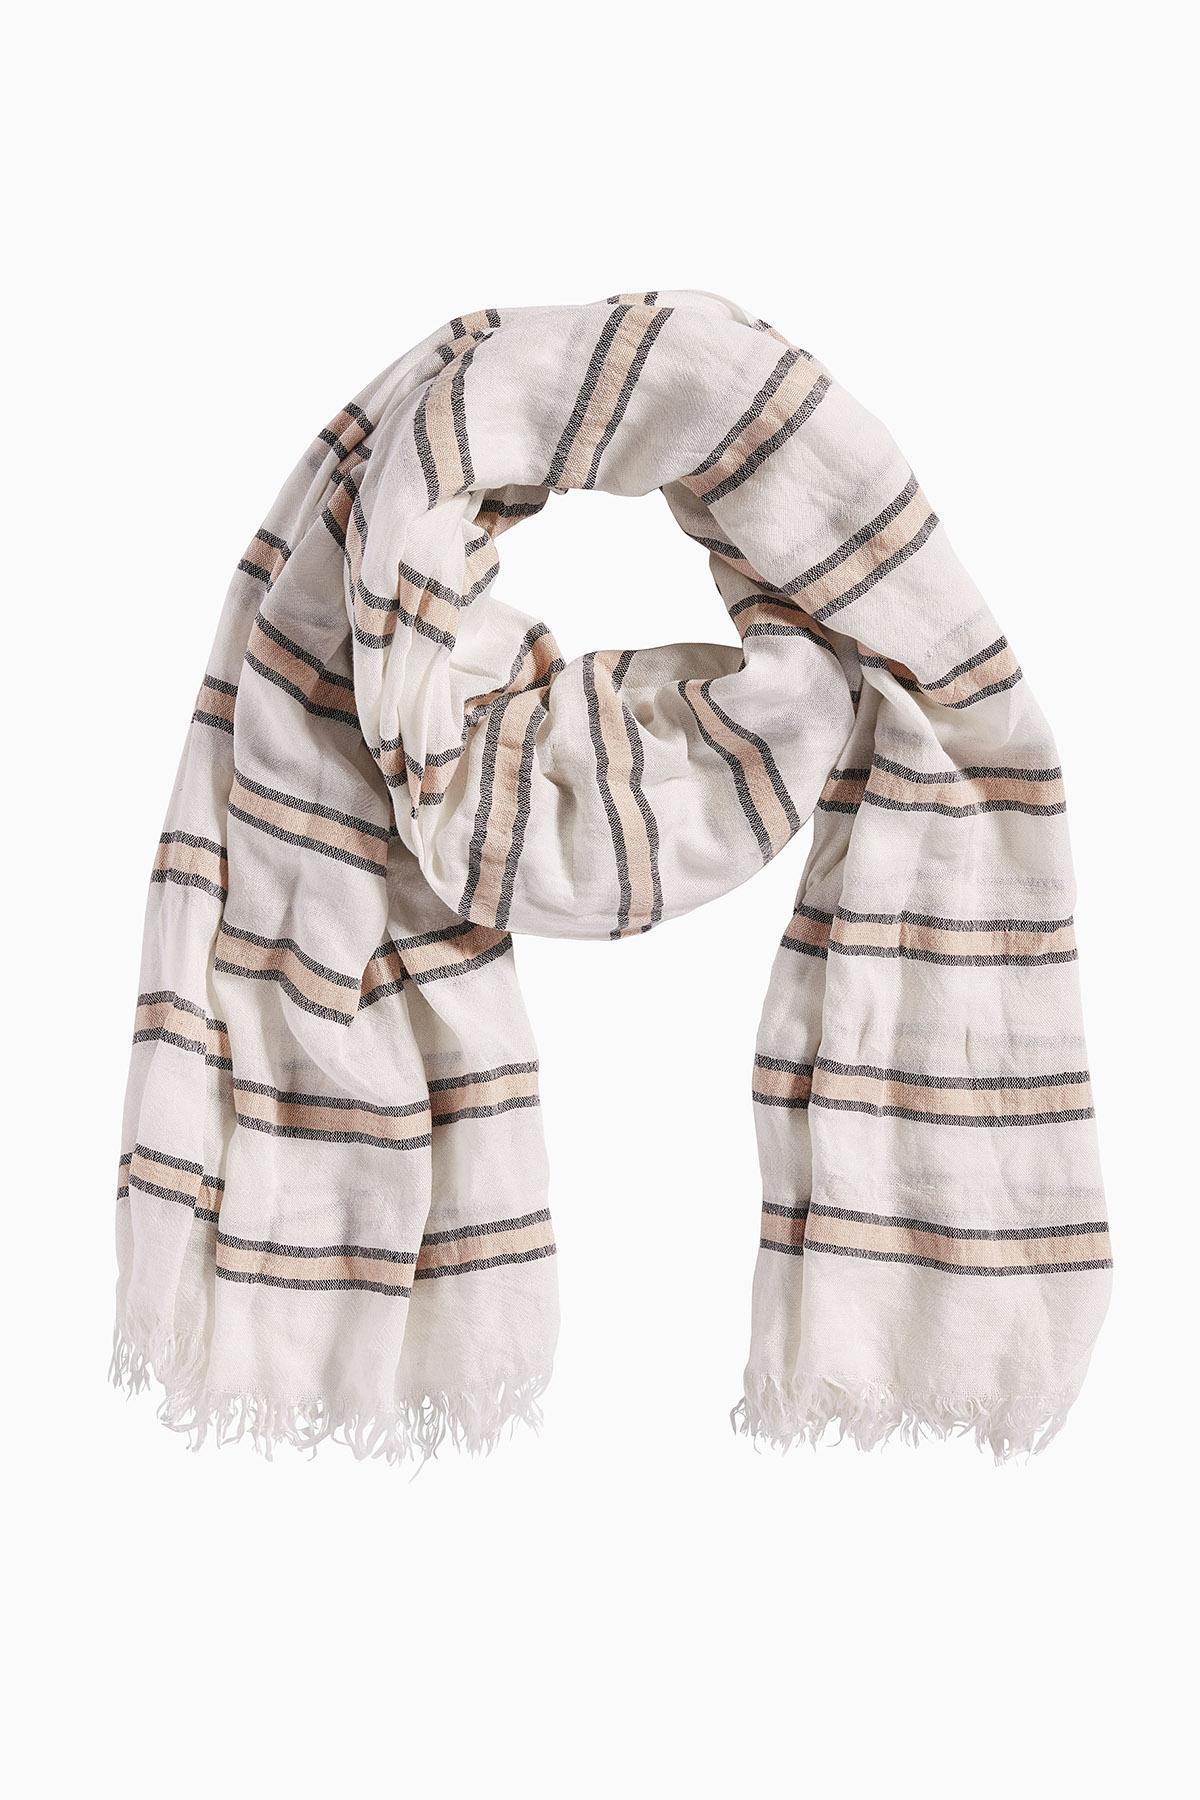 Off-white Tørklæde fra Bon'A Parte – Køb Off-white Tørklæde fra str. ONE her